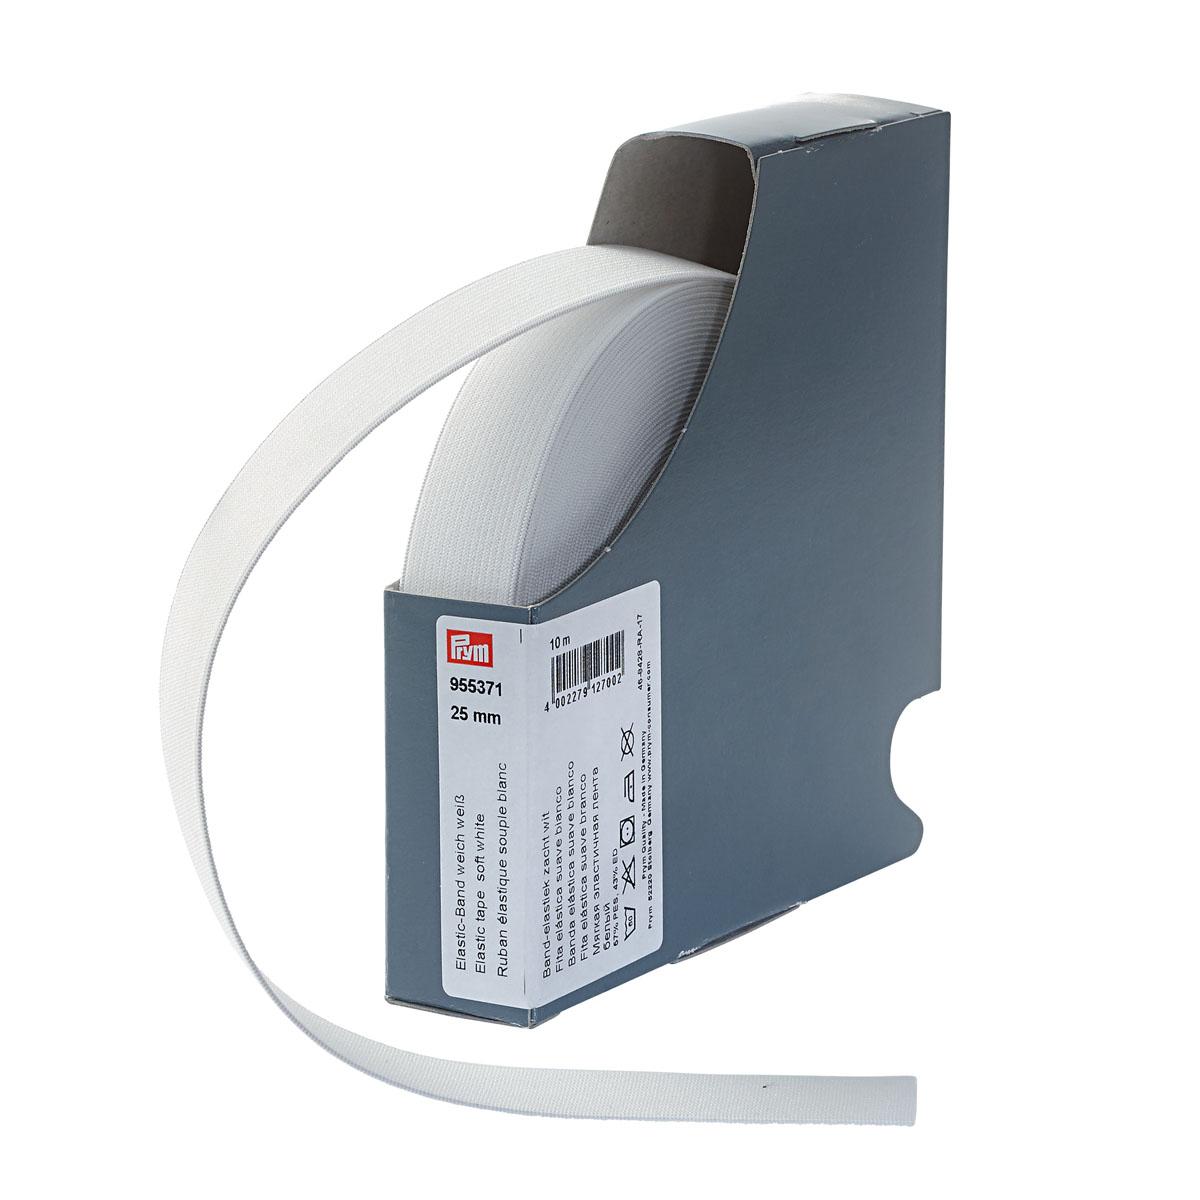 955371 Мягкая эластичная лента 25 мм*10м белый цв. Prym